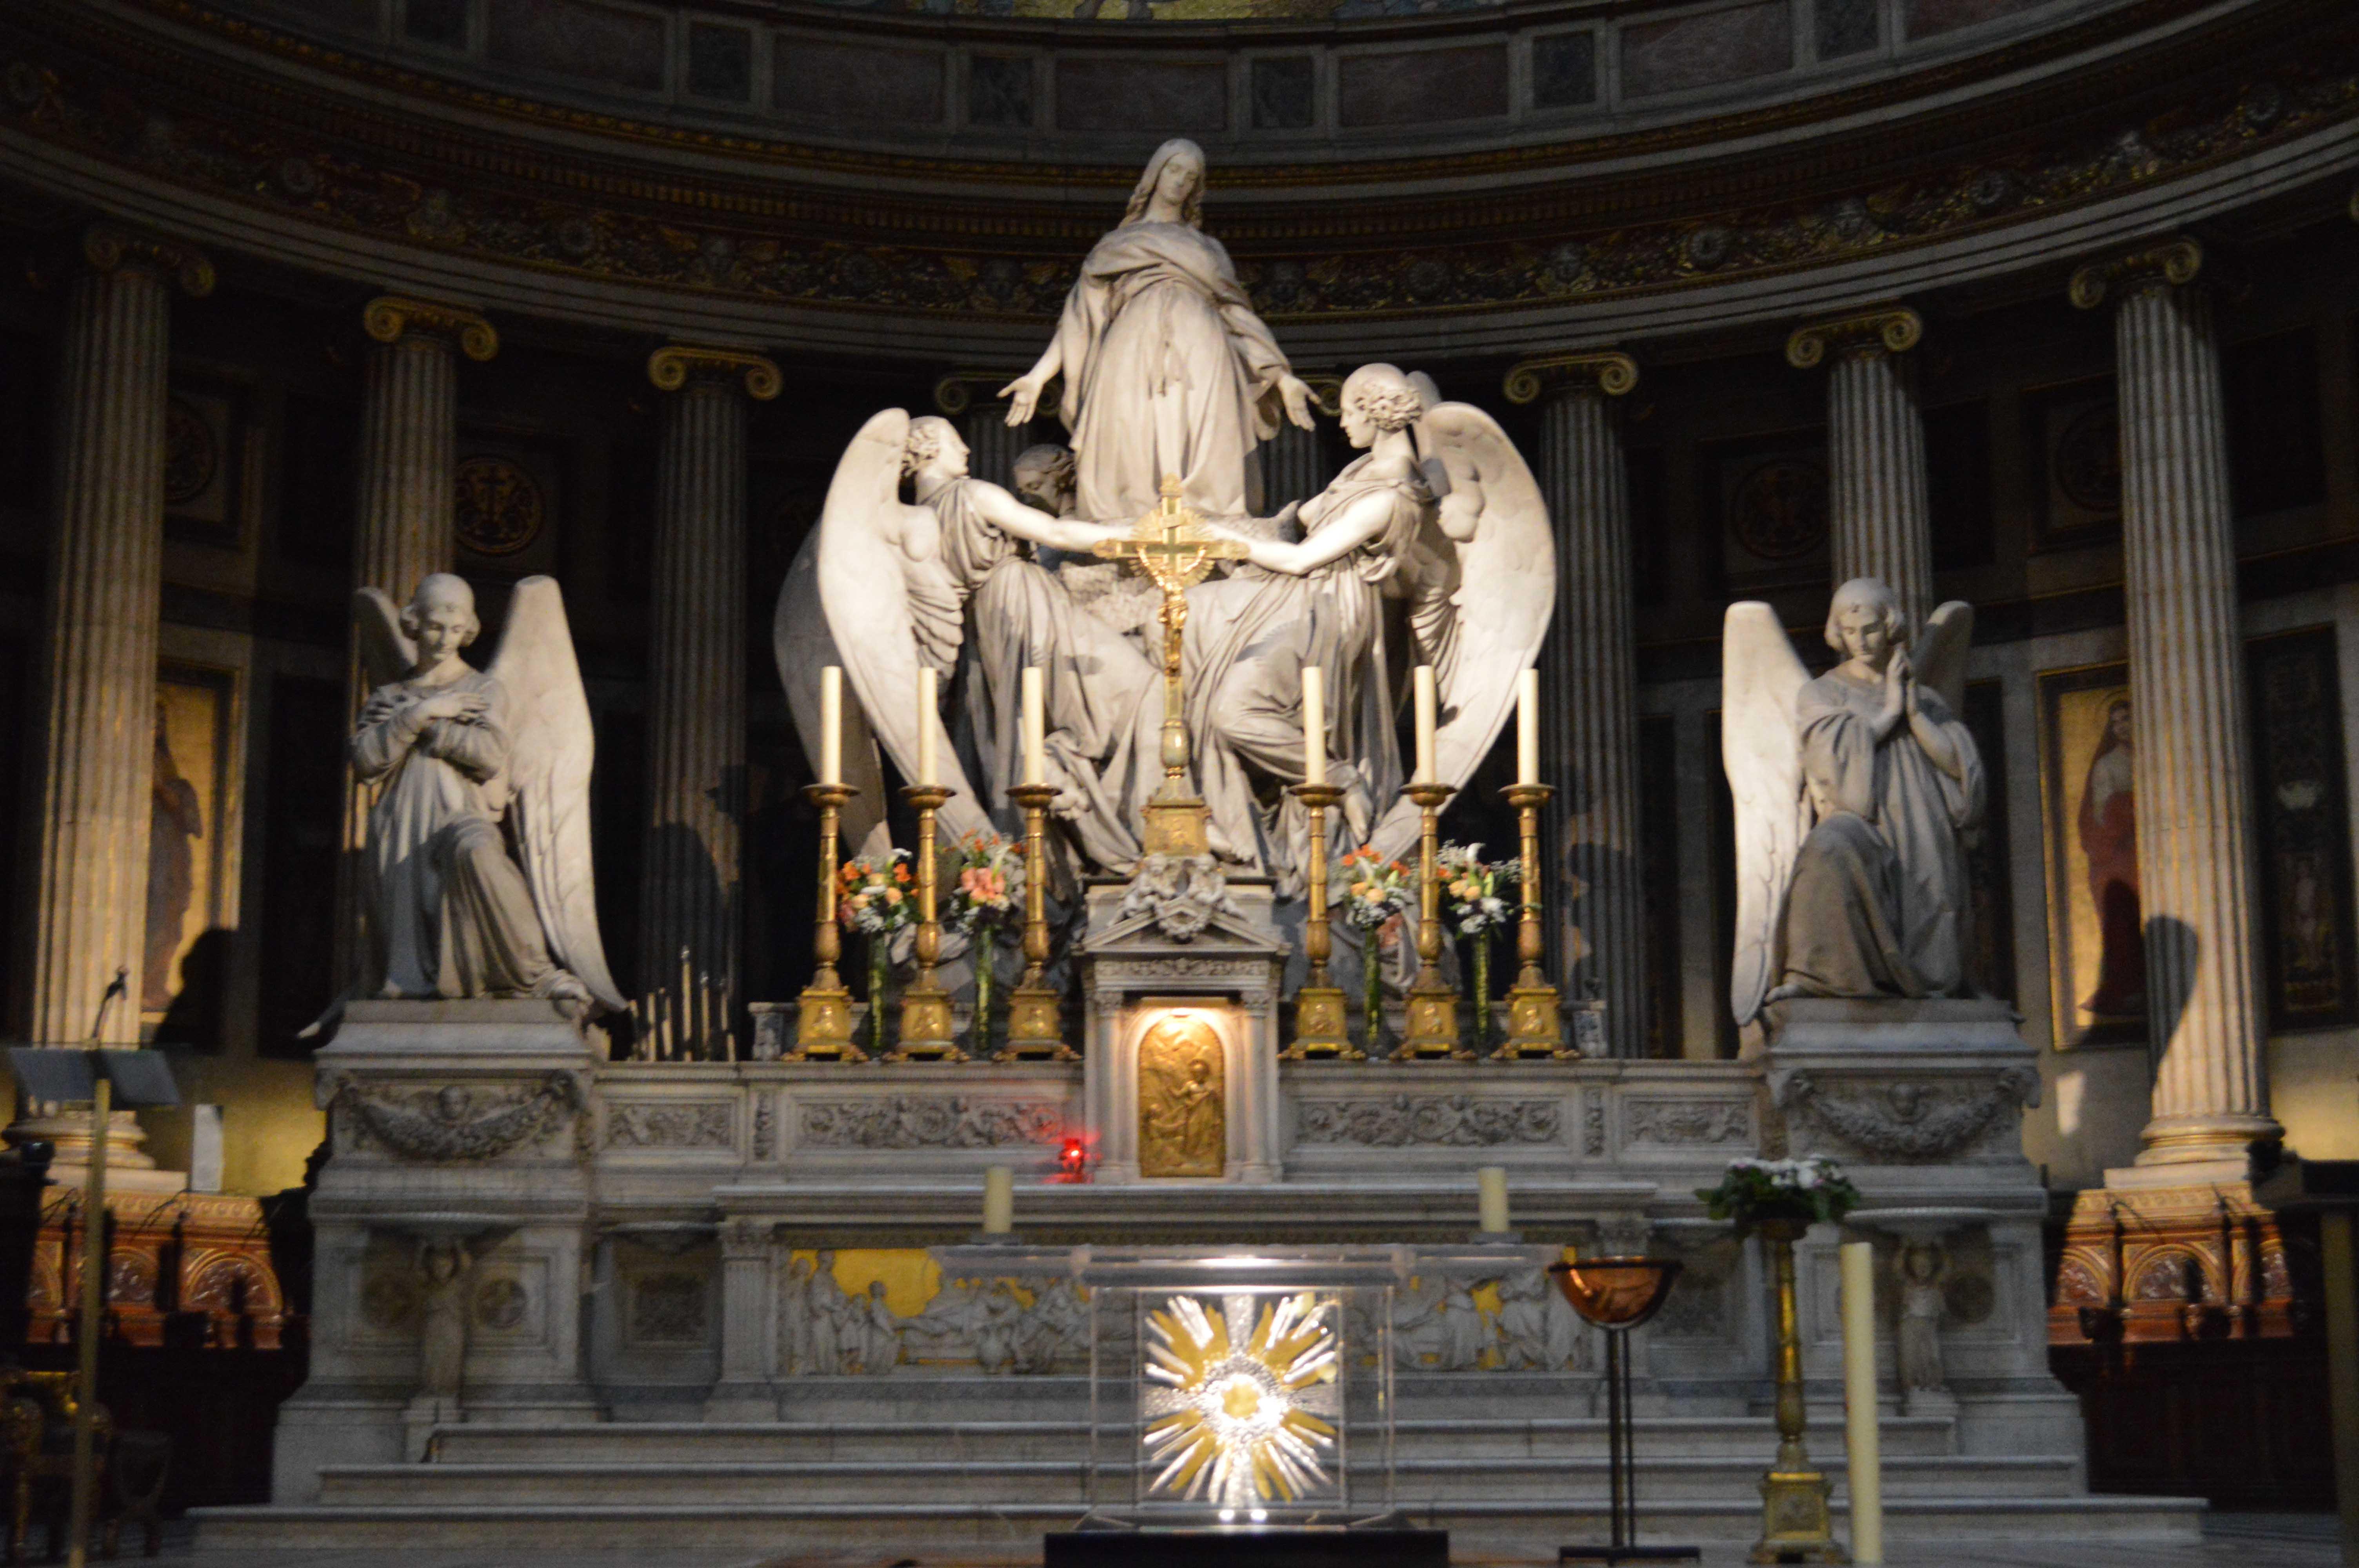 Iglesia de la madeleine viajes de ark - La maison de la truffe madeleine ...